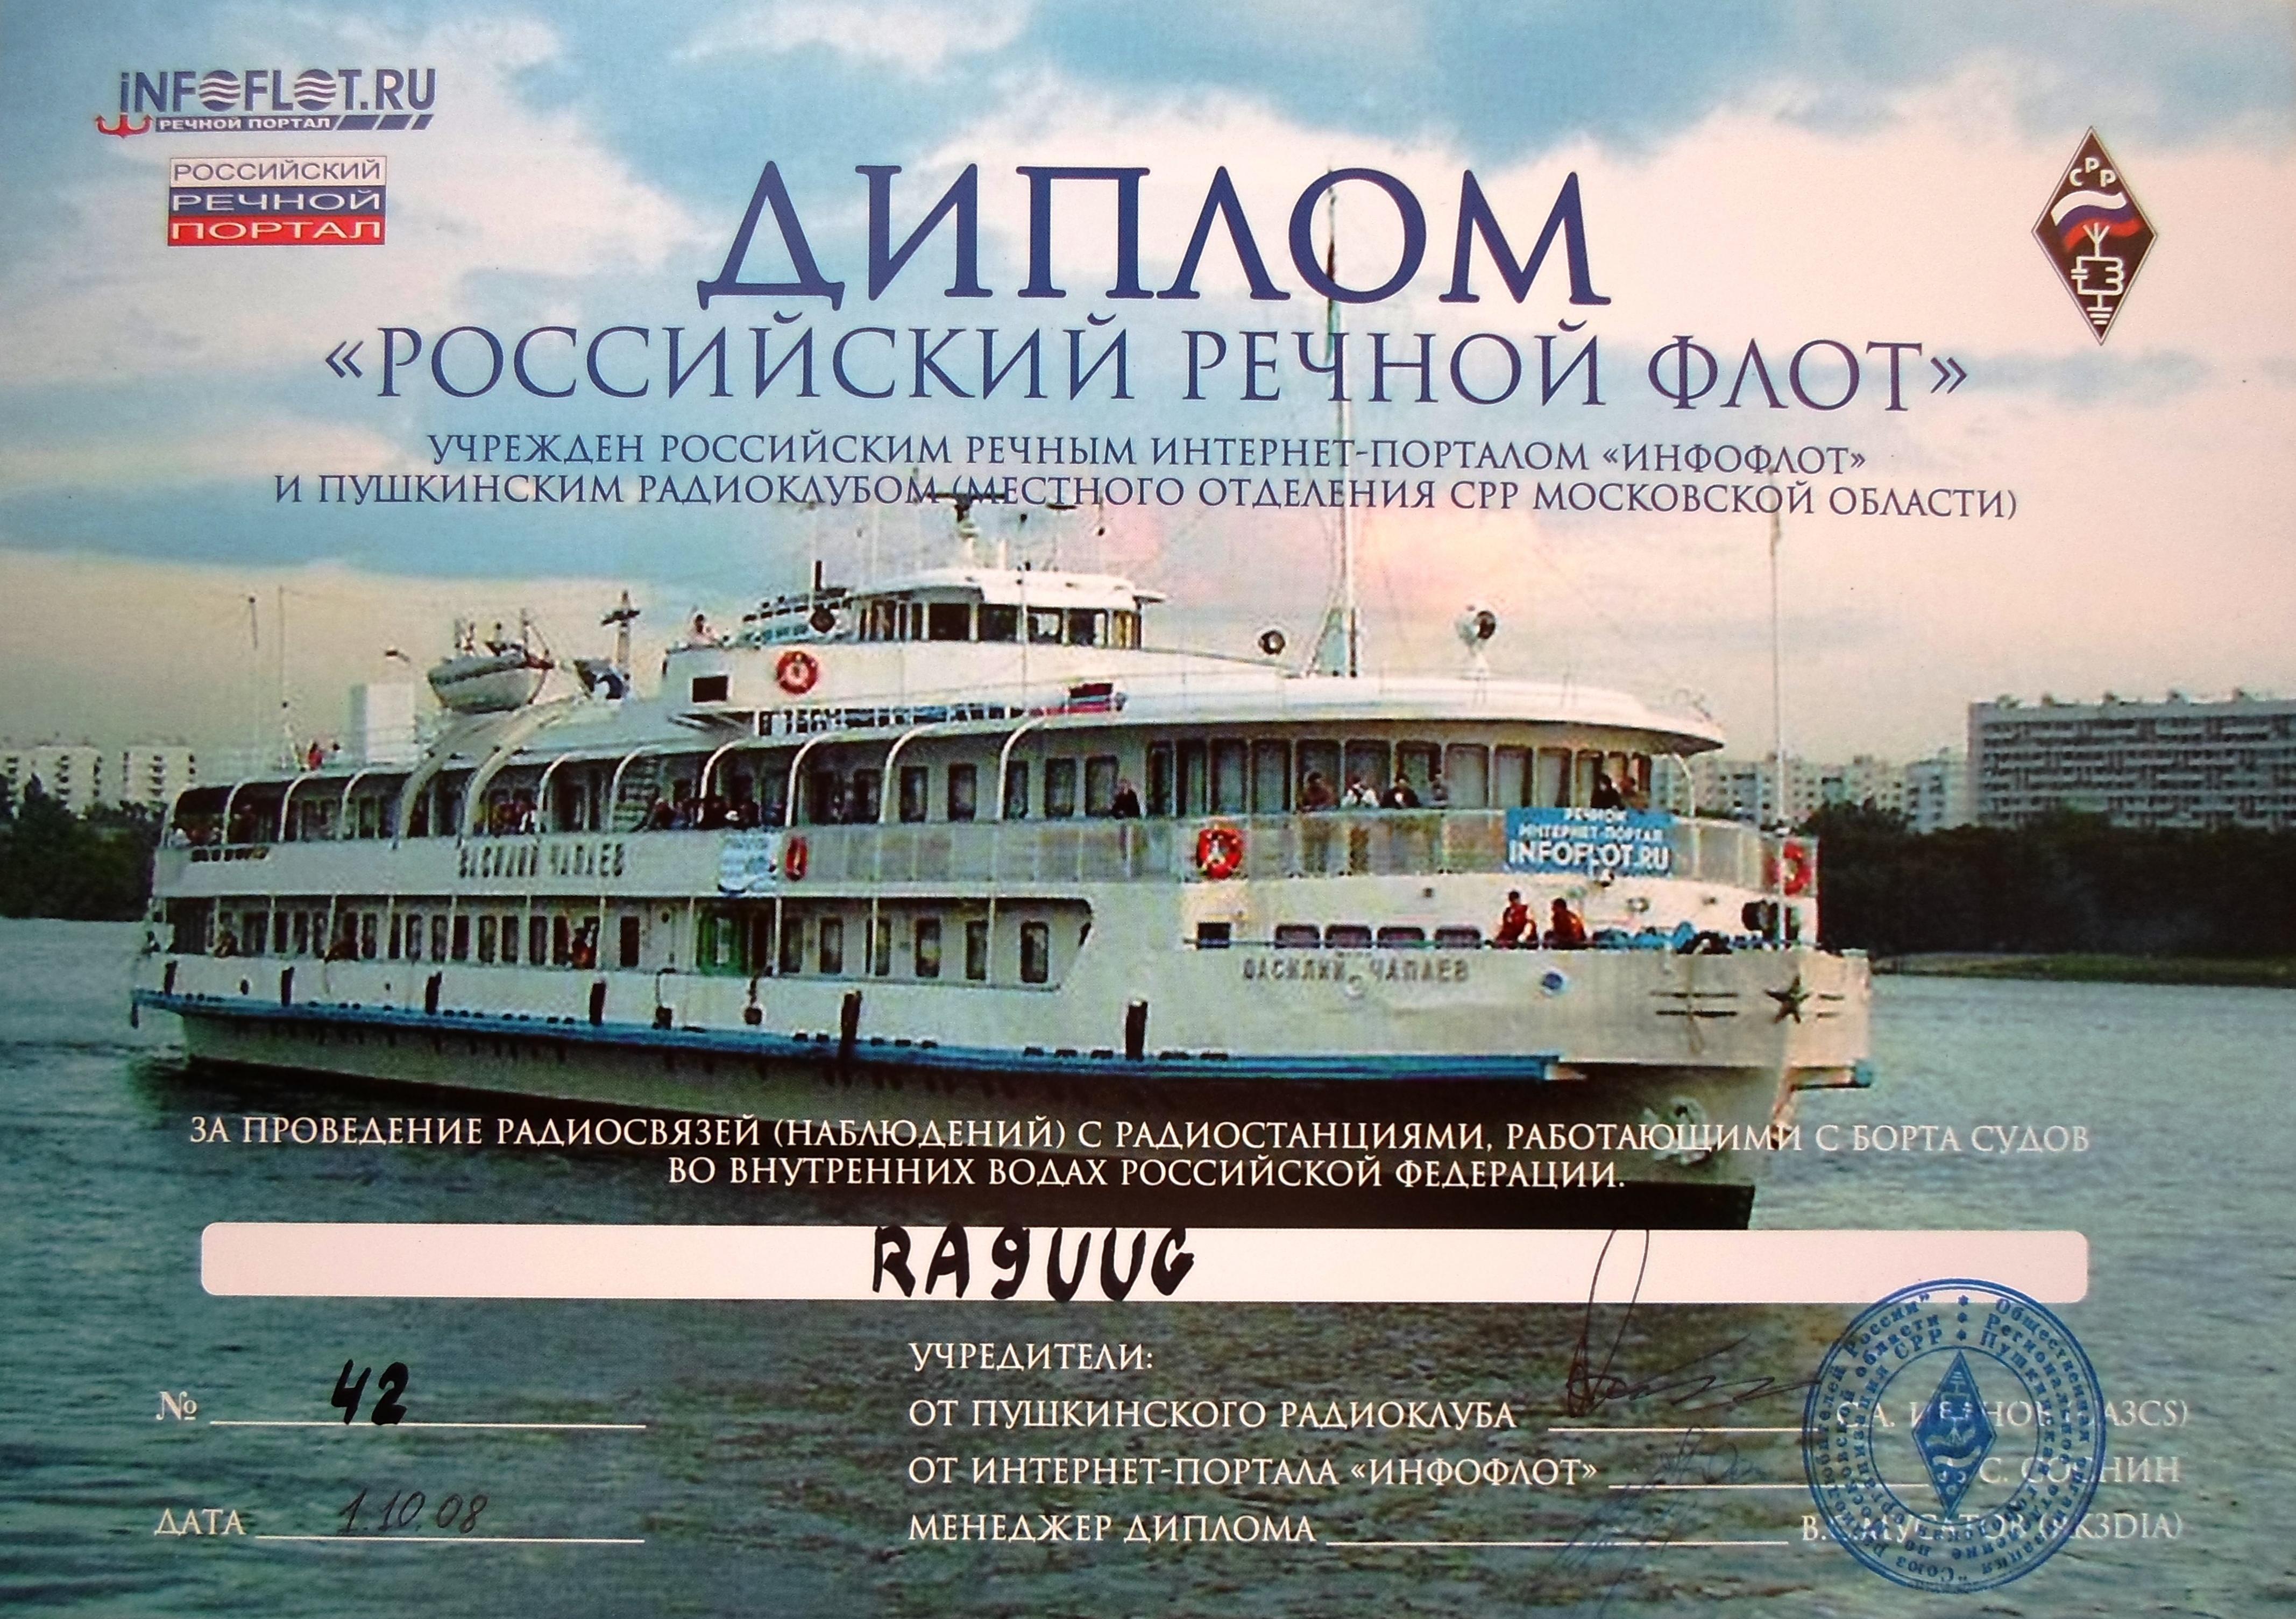 Нажмите на изображение для увеличения.  Название:4 Российский реч.&.jpg Просмотров:252 Размер:1.34 Мб ID:126184